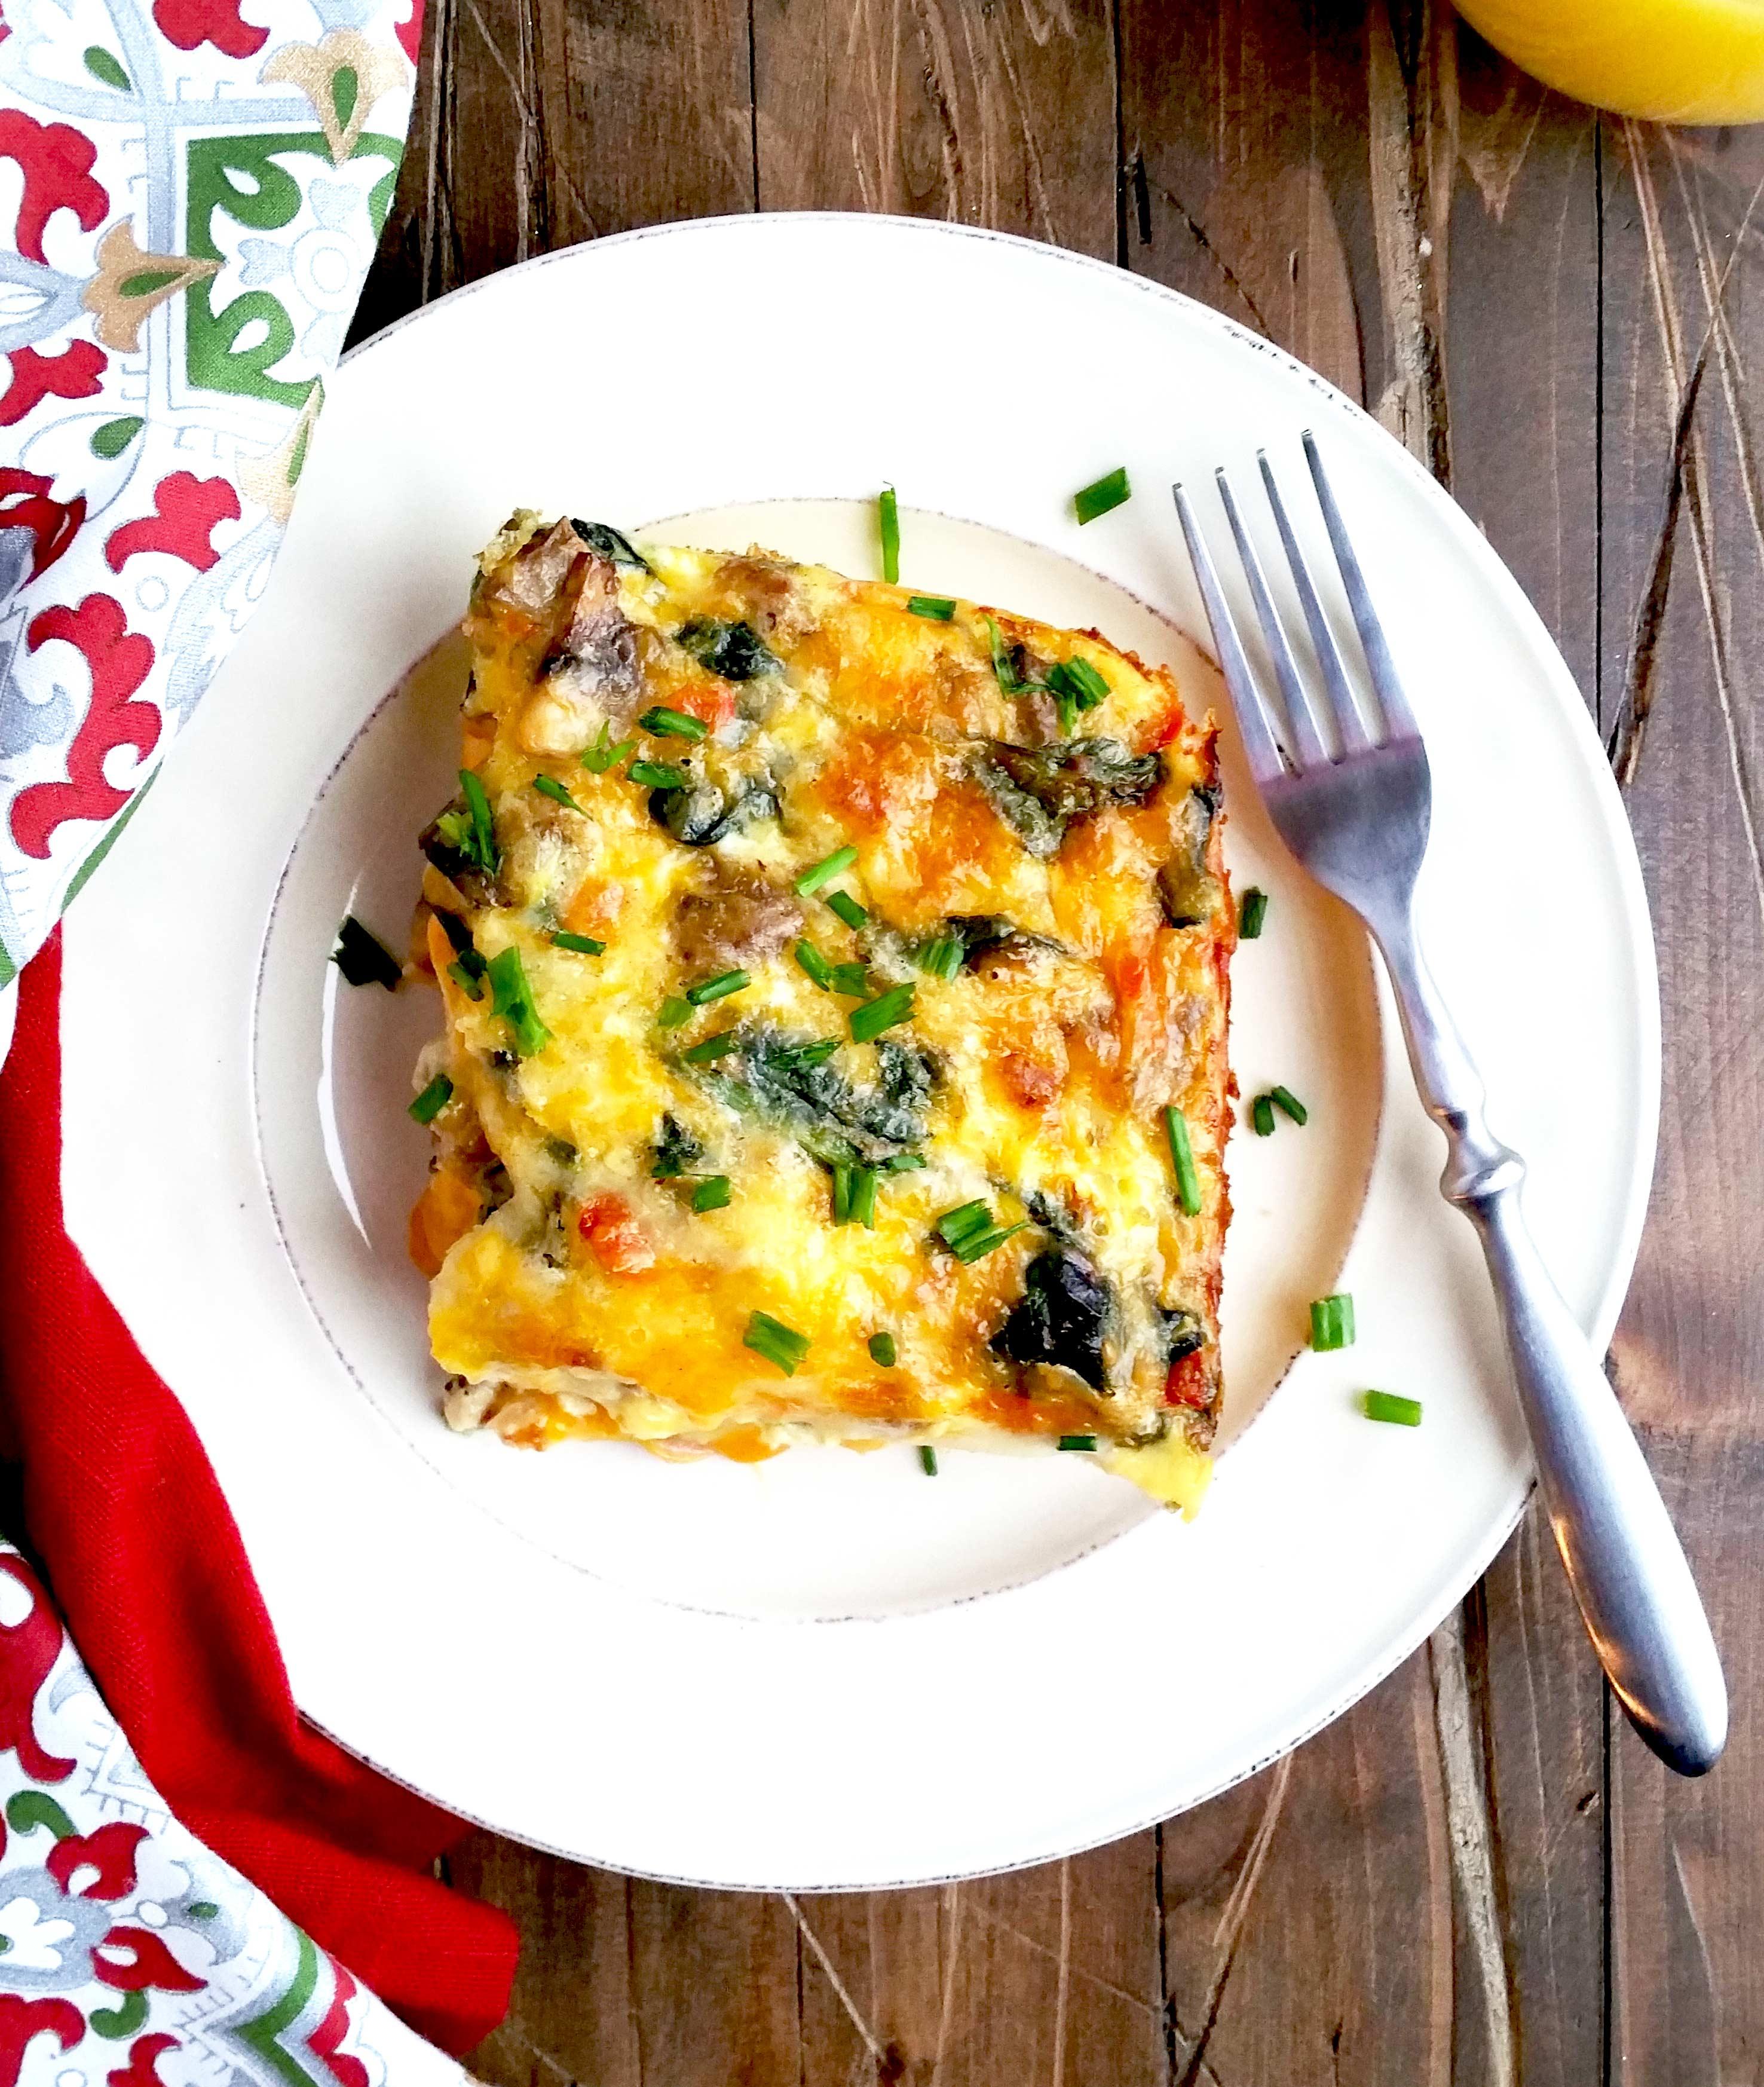 Best-Breakfast-Egg-Casserole